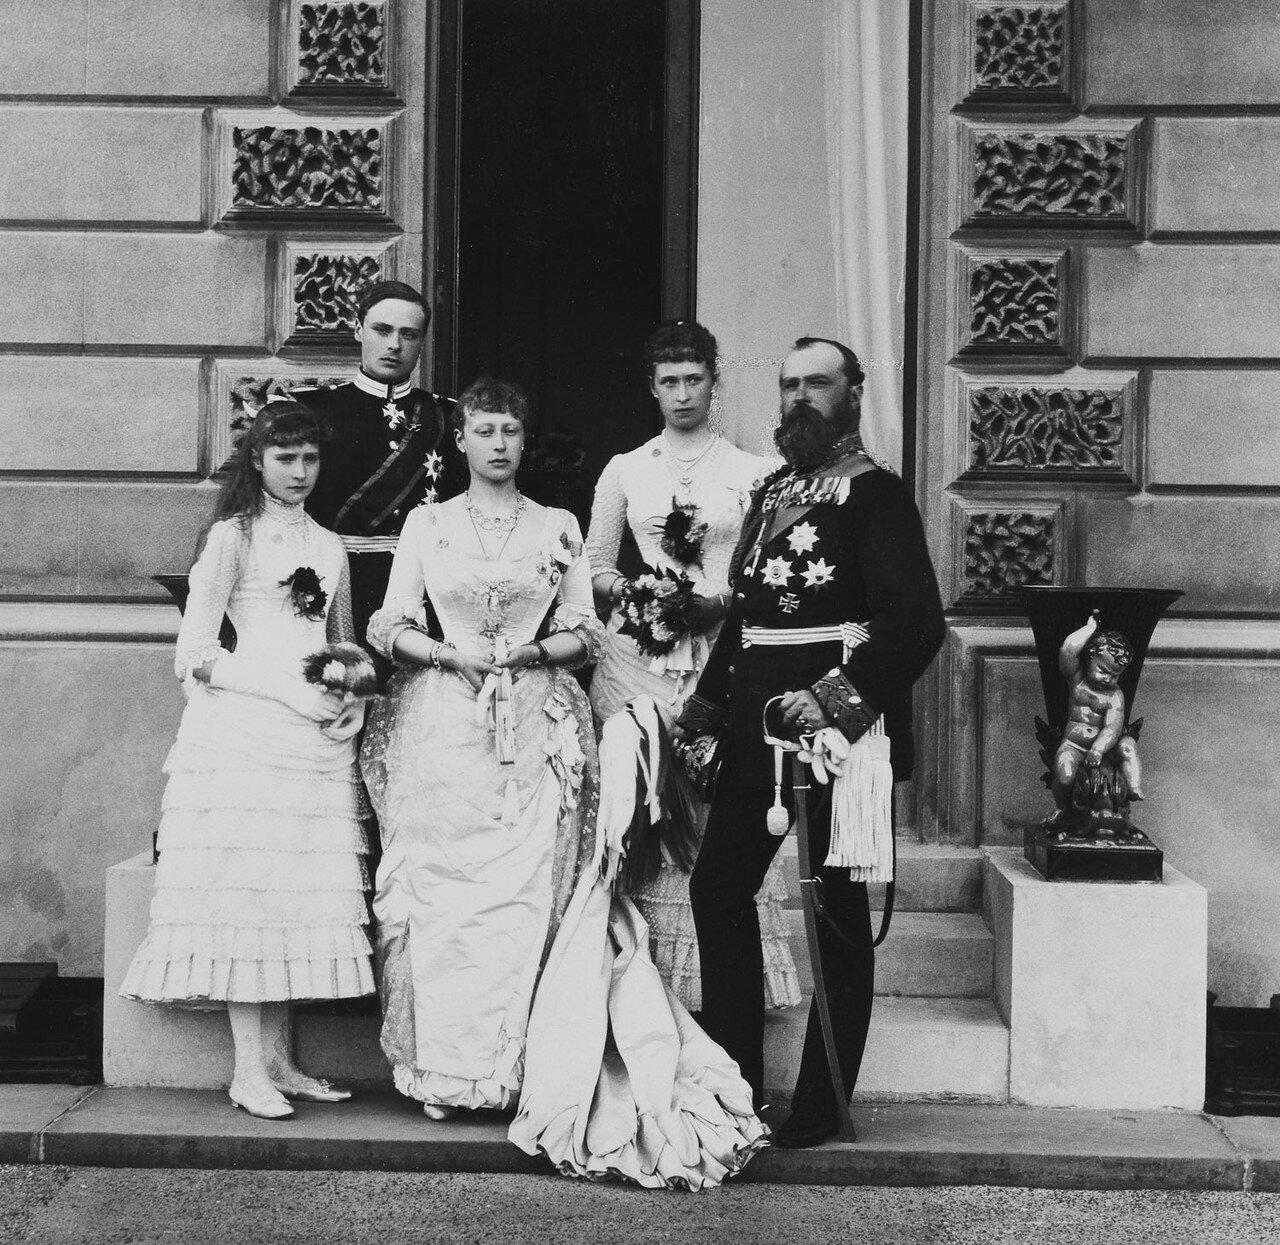 1885. Великий герцог Гессенский с принцессой Алисой Гессен-Дармштадтской, принцессой Викторией Гессен-Дармштадтской, принцем Луи Баттенбергом и принцессой Иреной Гессен-Дармштадтской